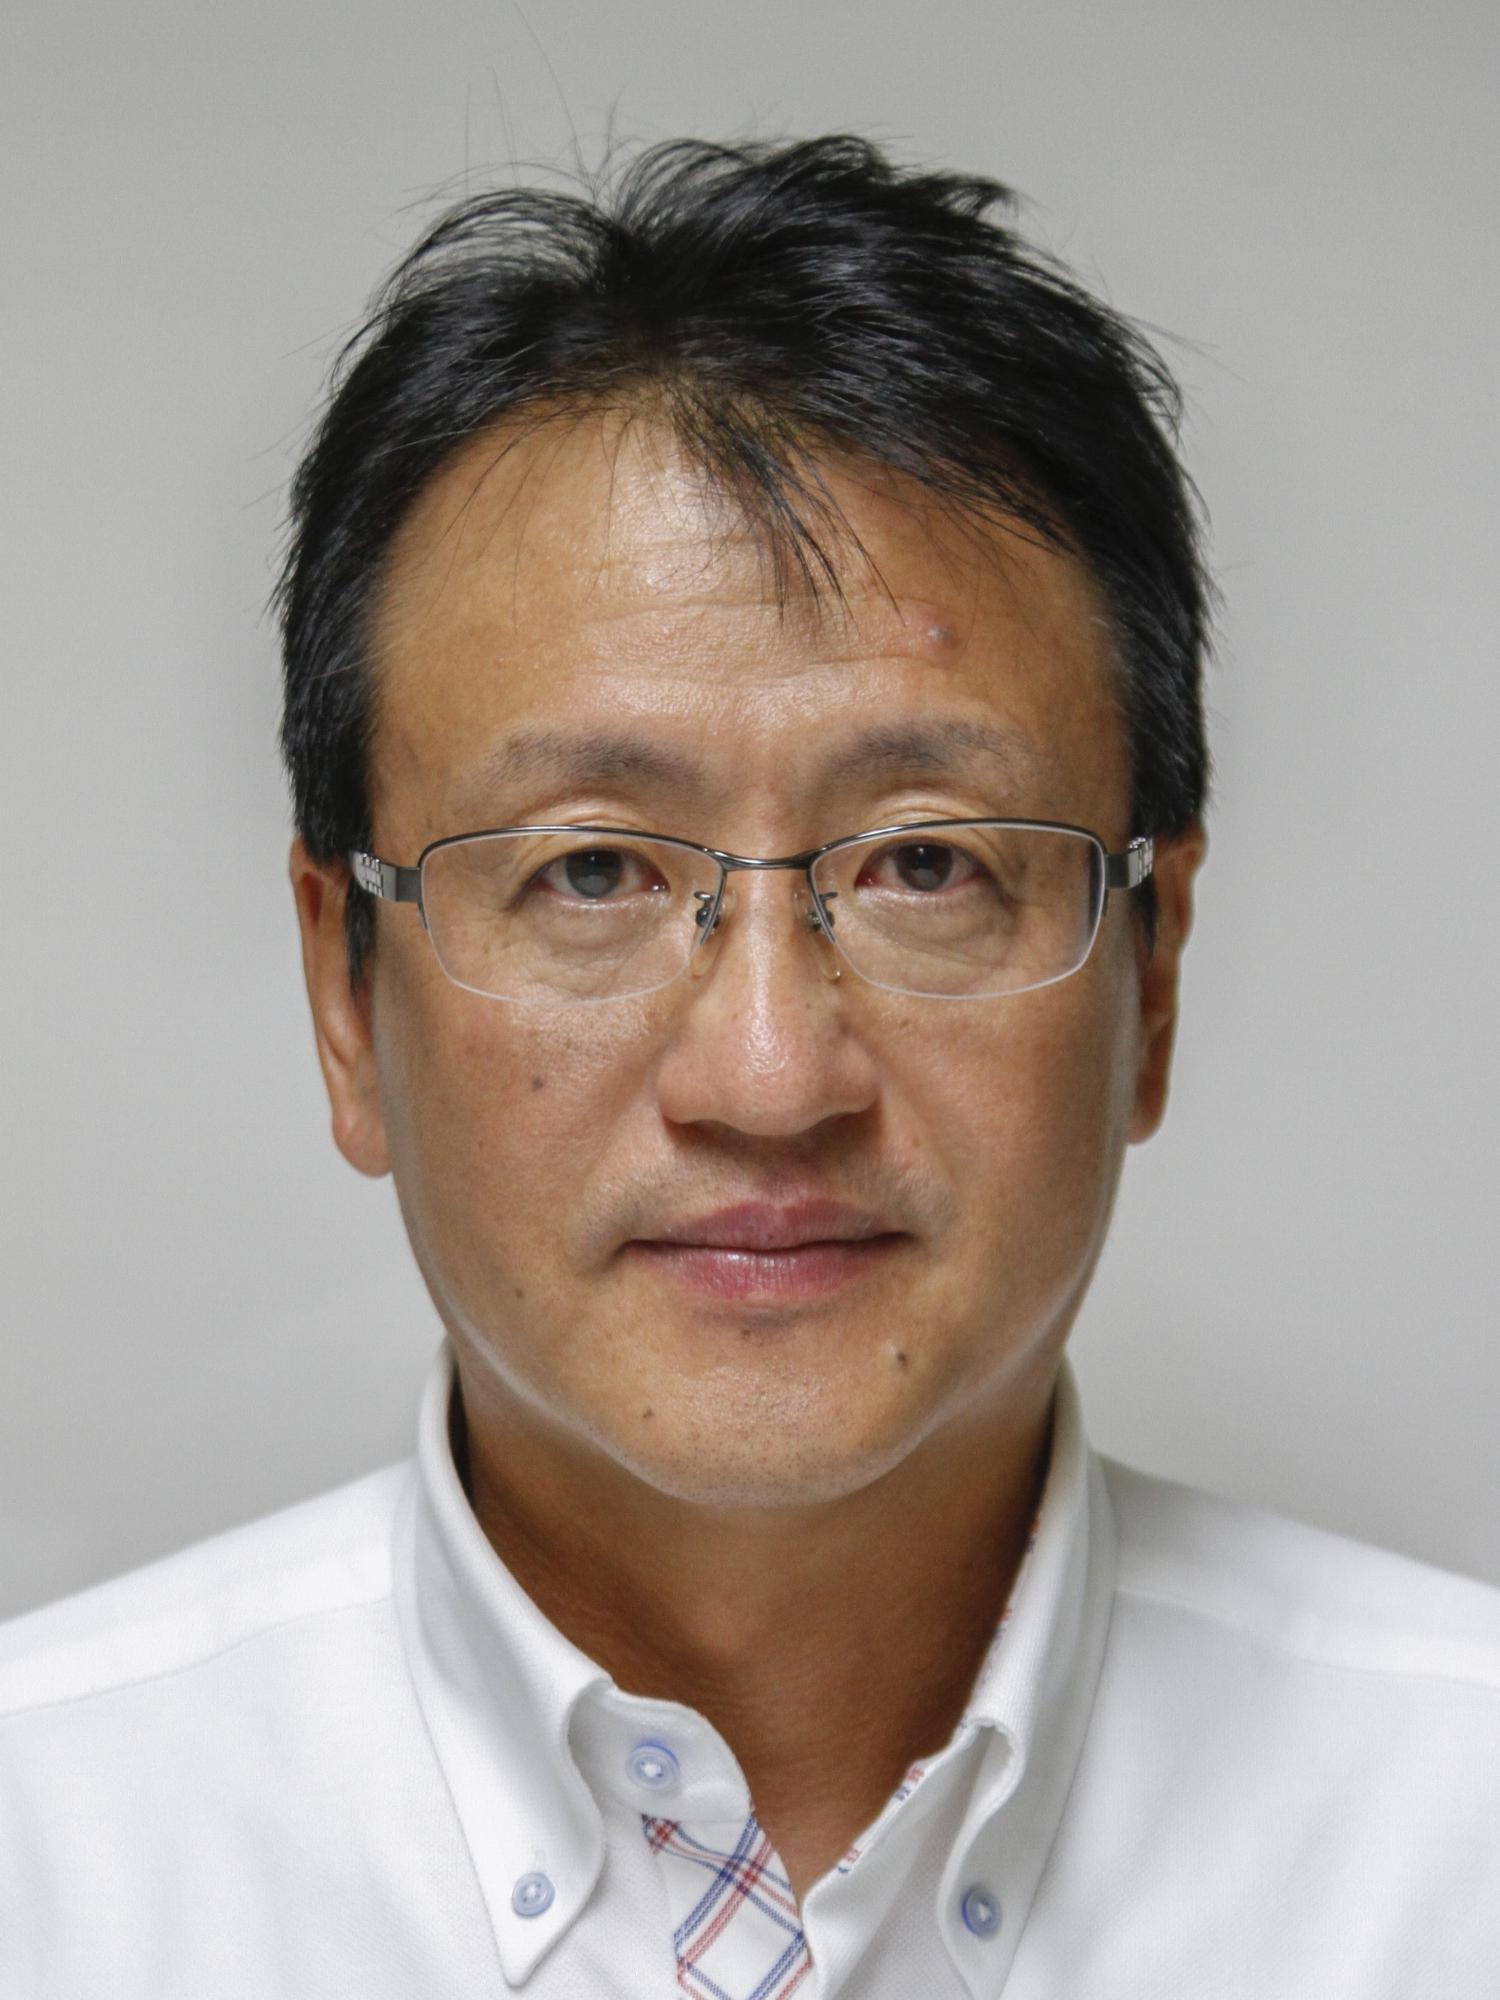 濱口 慎治 マーケィング統括部 統括部長 サラヤ株式会社  Shinji Hamaguchi SARAYA Co. LTD Marketing Director